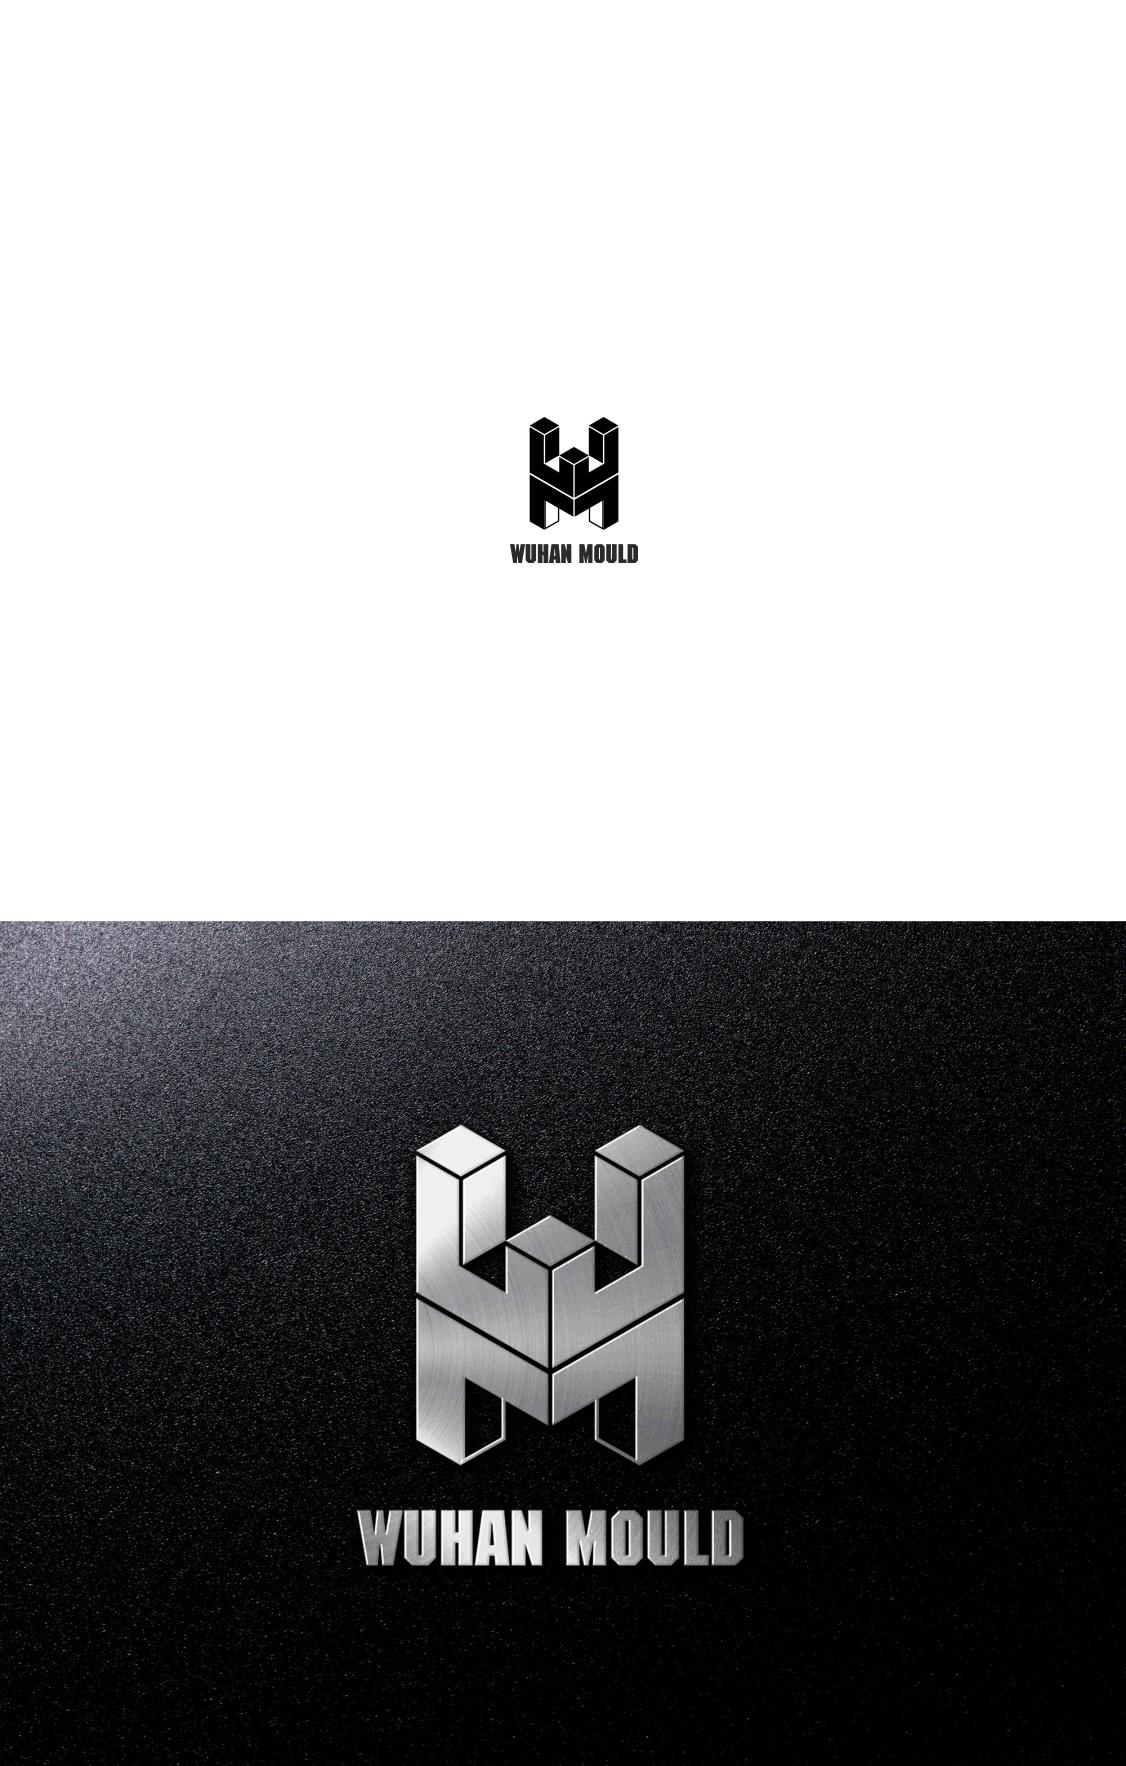 Создать логотип для фабрики пресс-форм фото f_4845992d296329a8.png